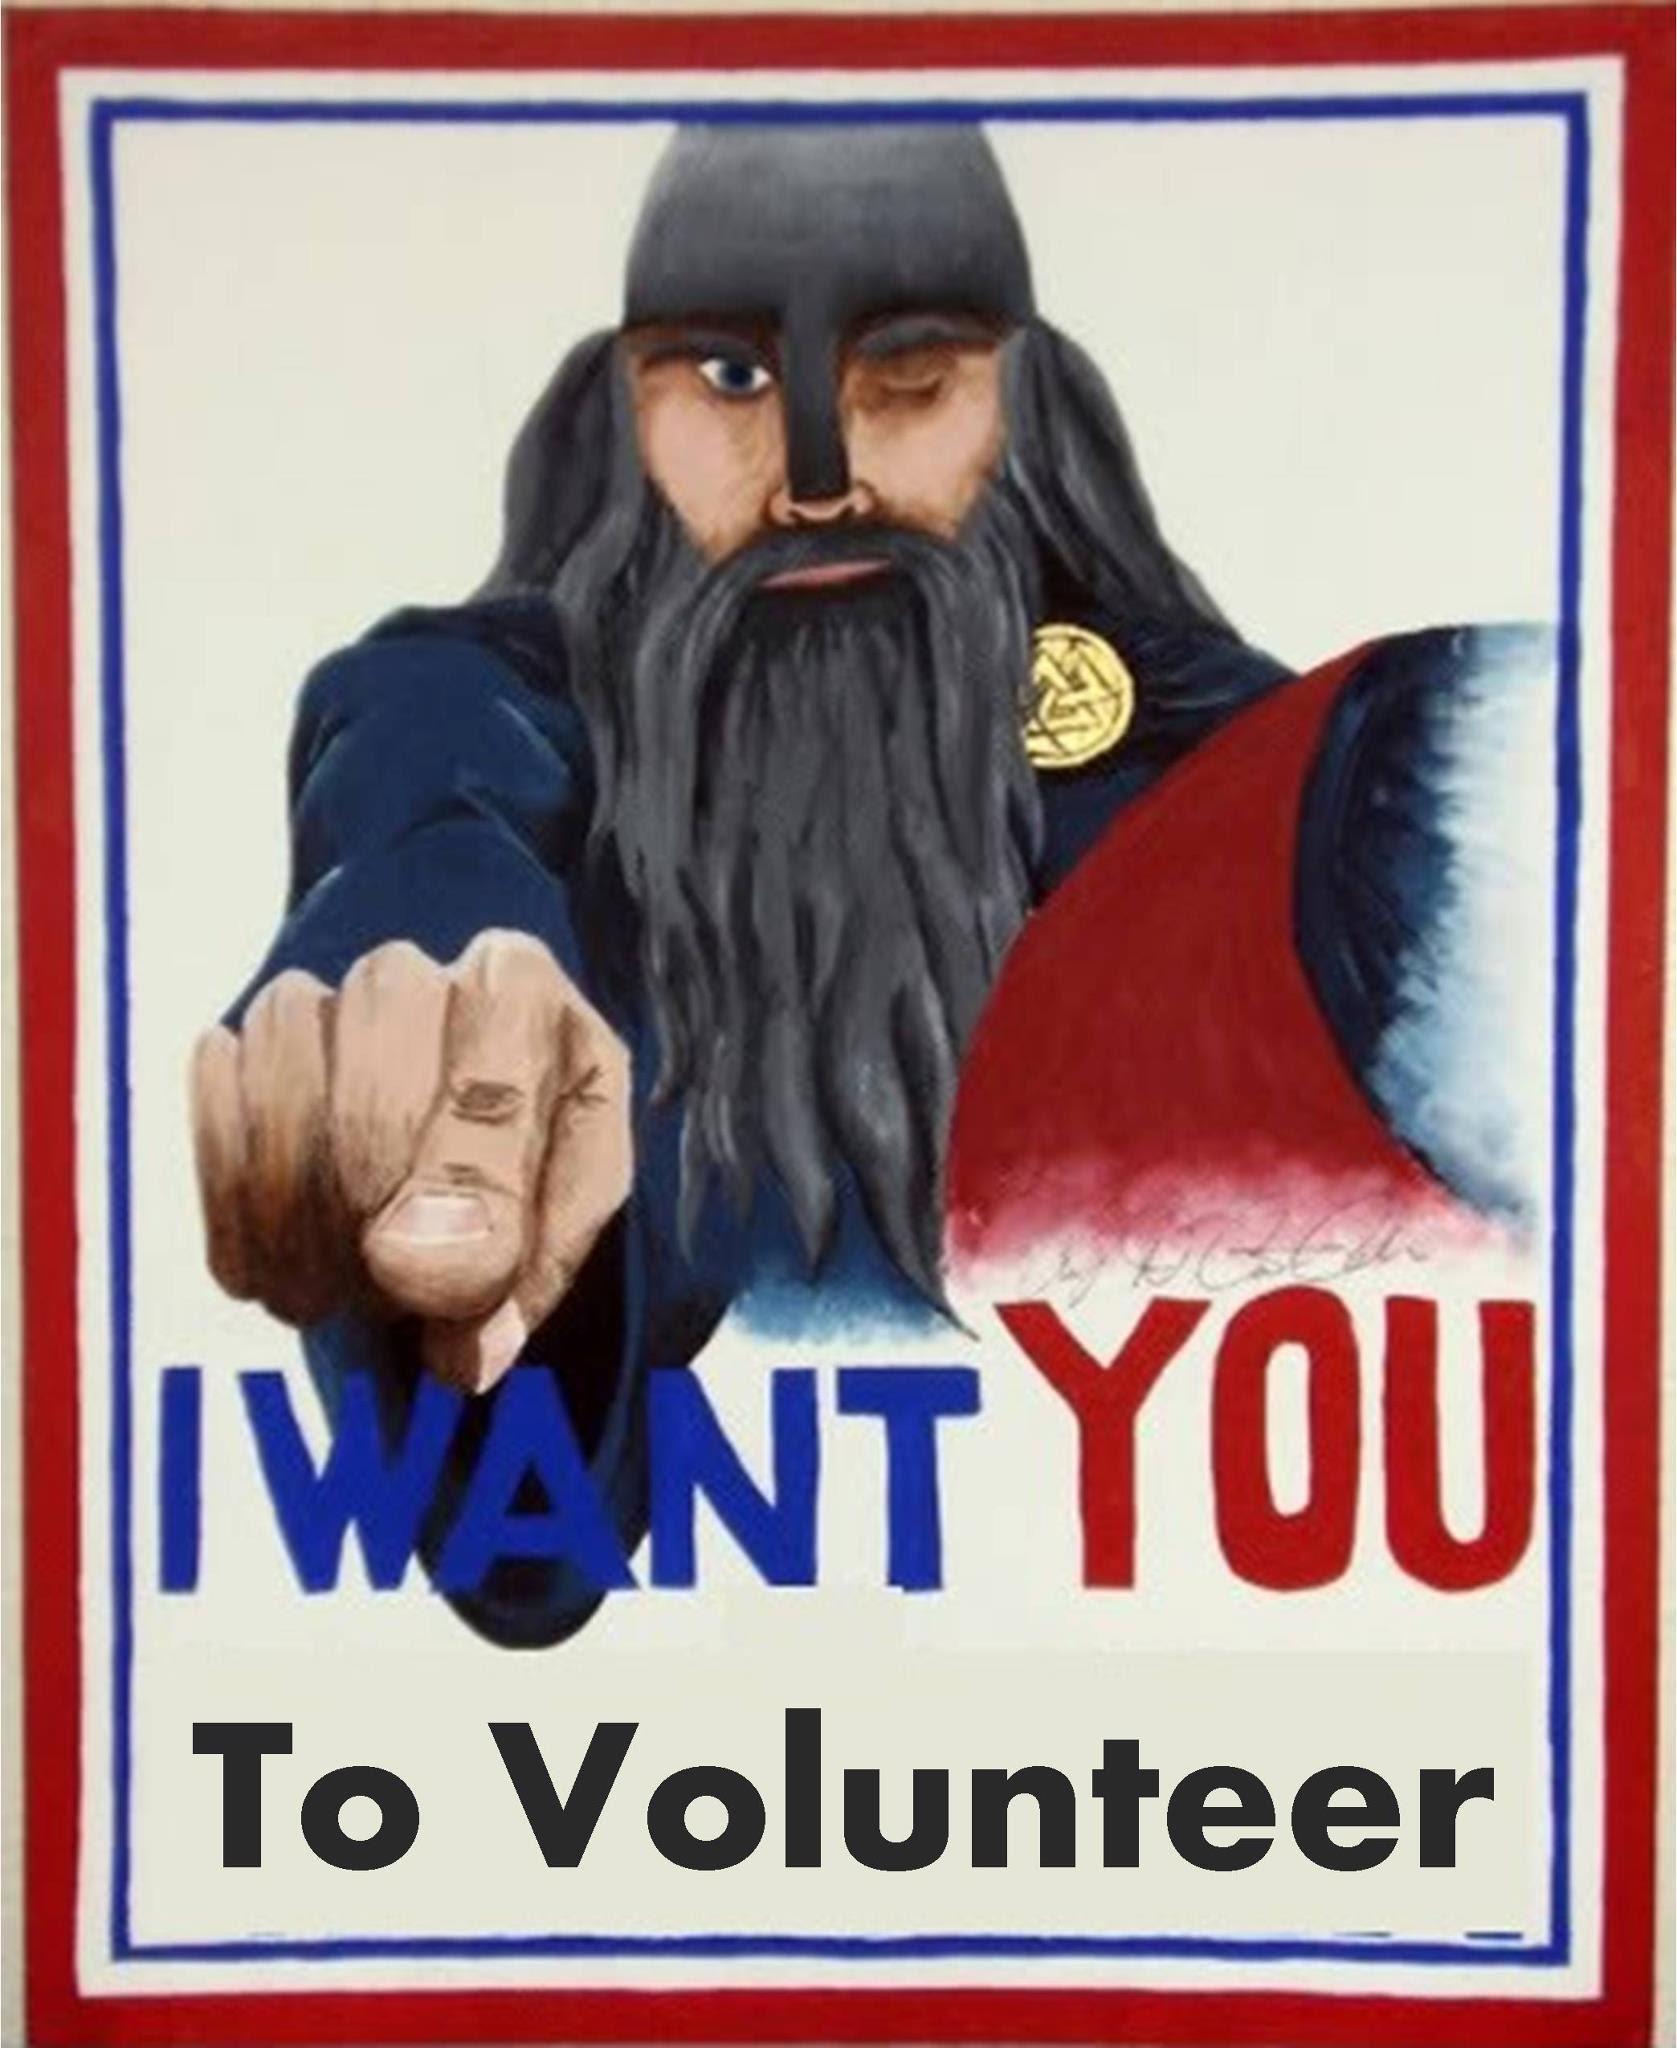 viking_want_you_volunteer.jpg